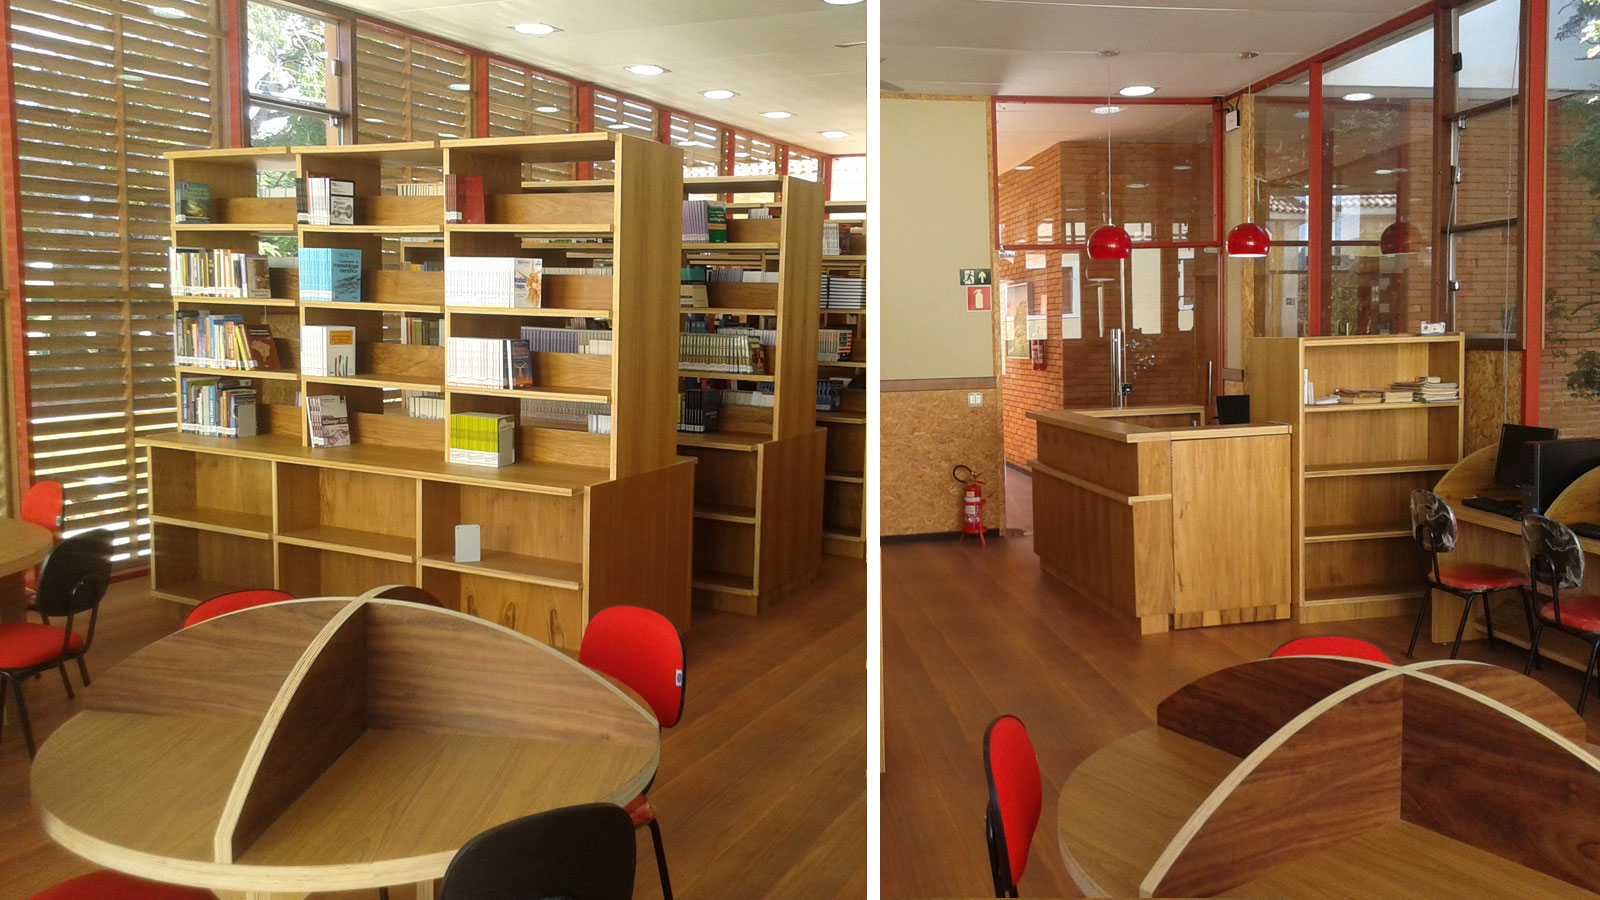 faculdade-keppe-pacheco-biblioteca-vista-interna